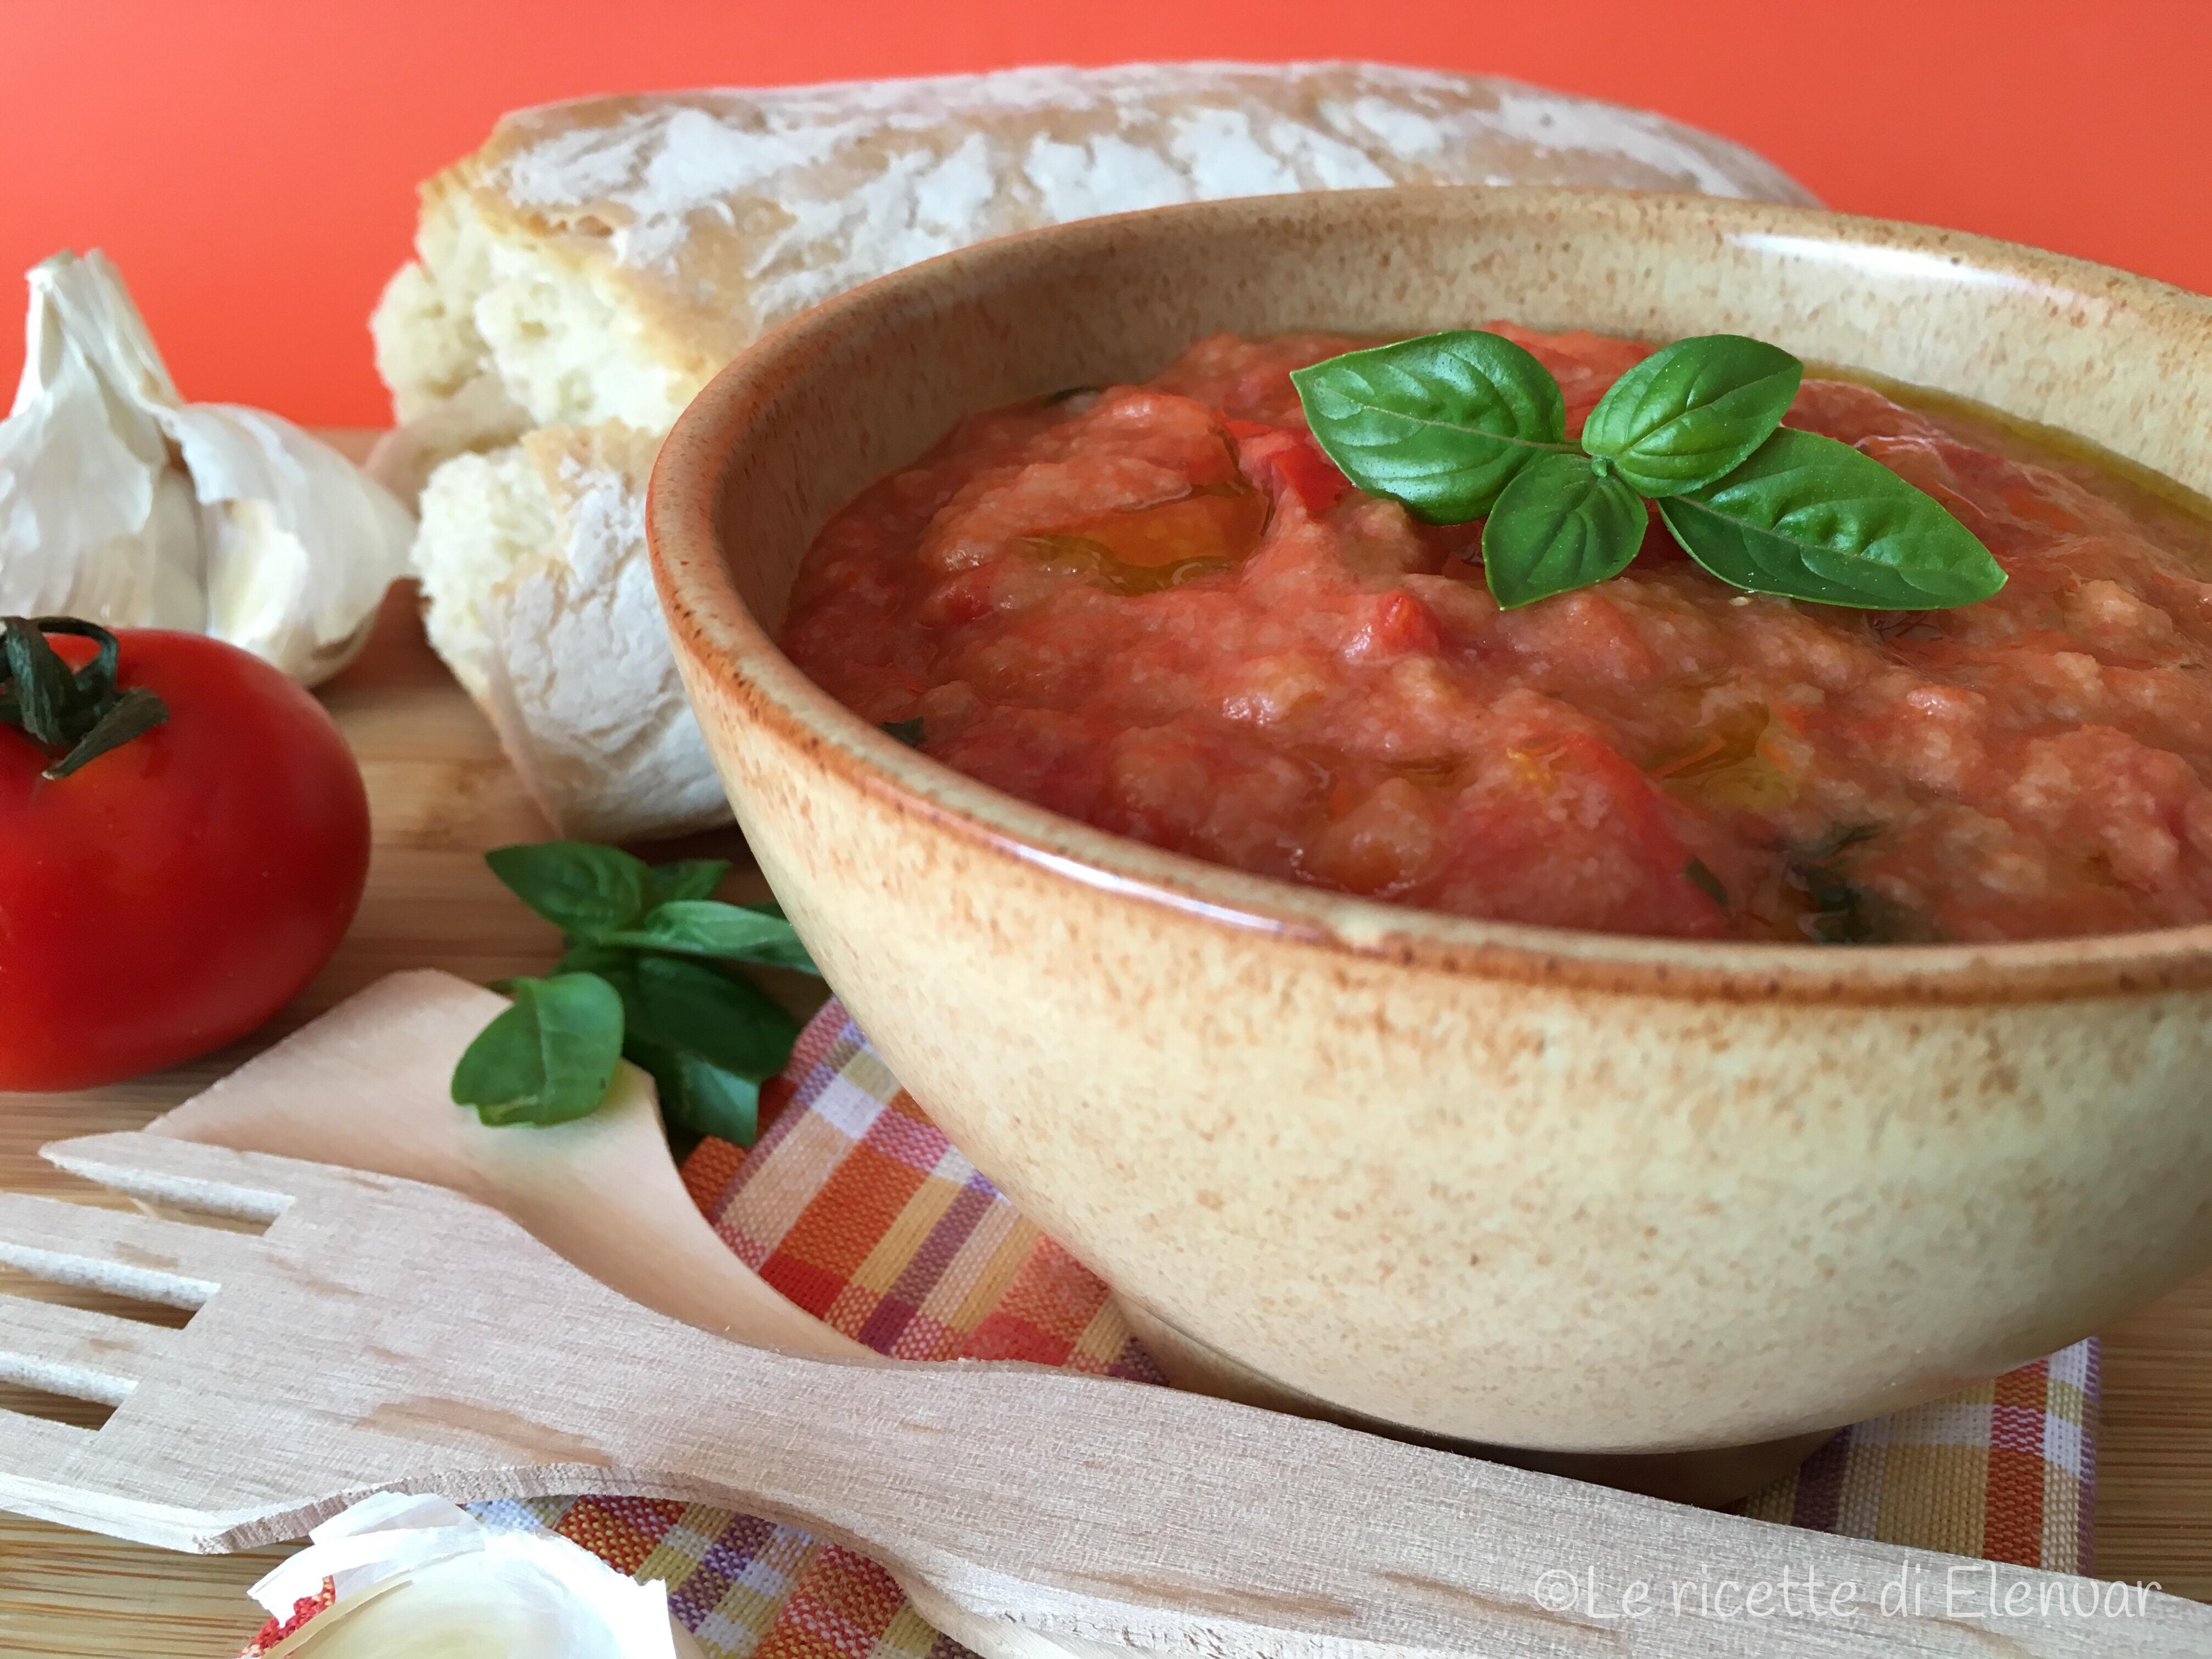 PAPPA AL POMODORO - Primo piatto - Ricetta tipica toscana